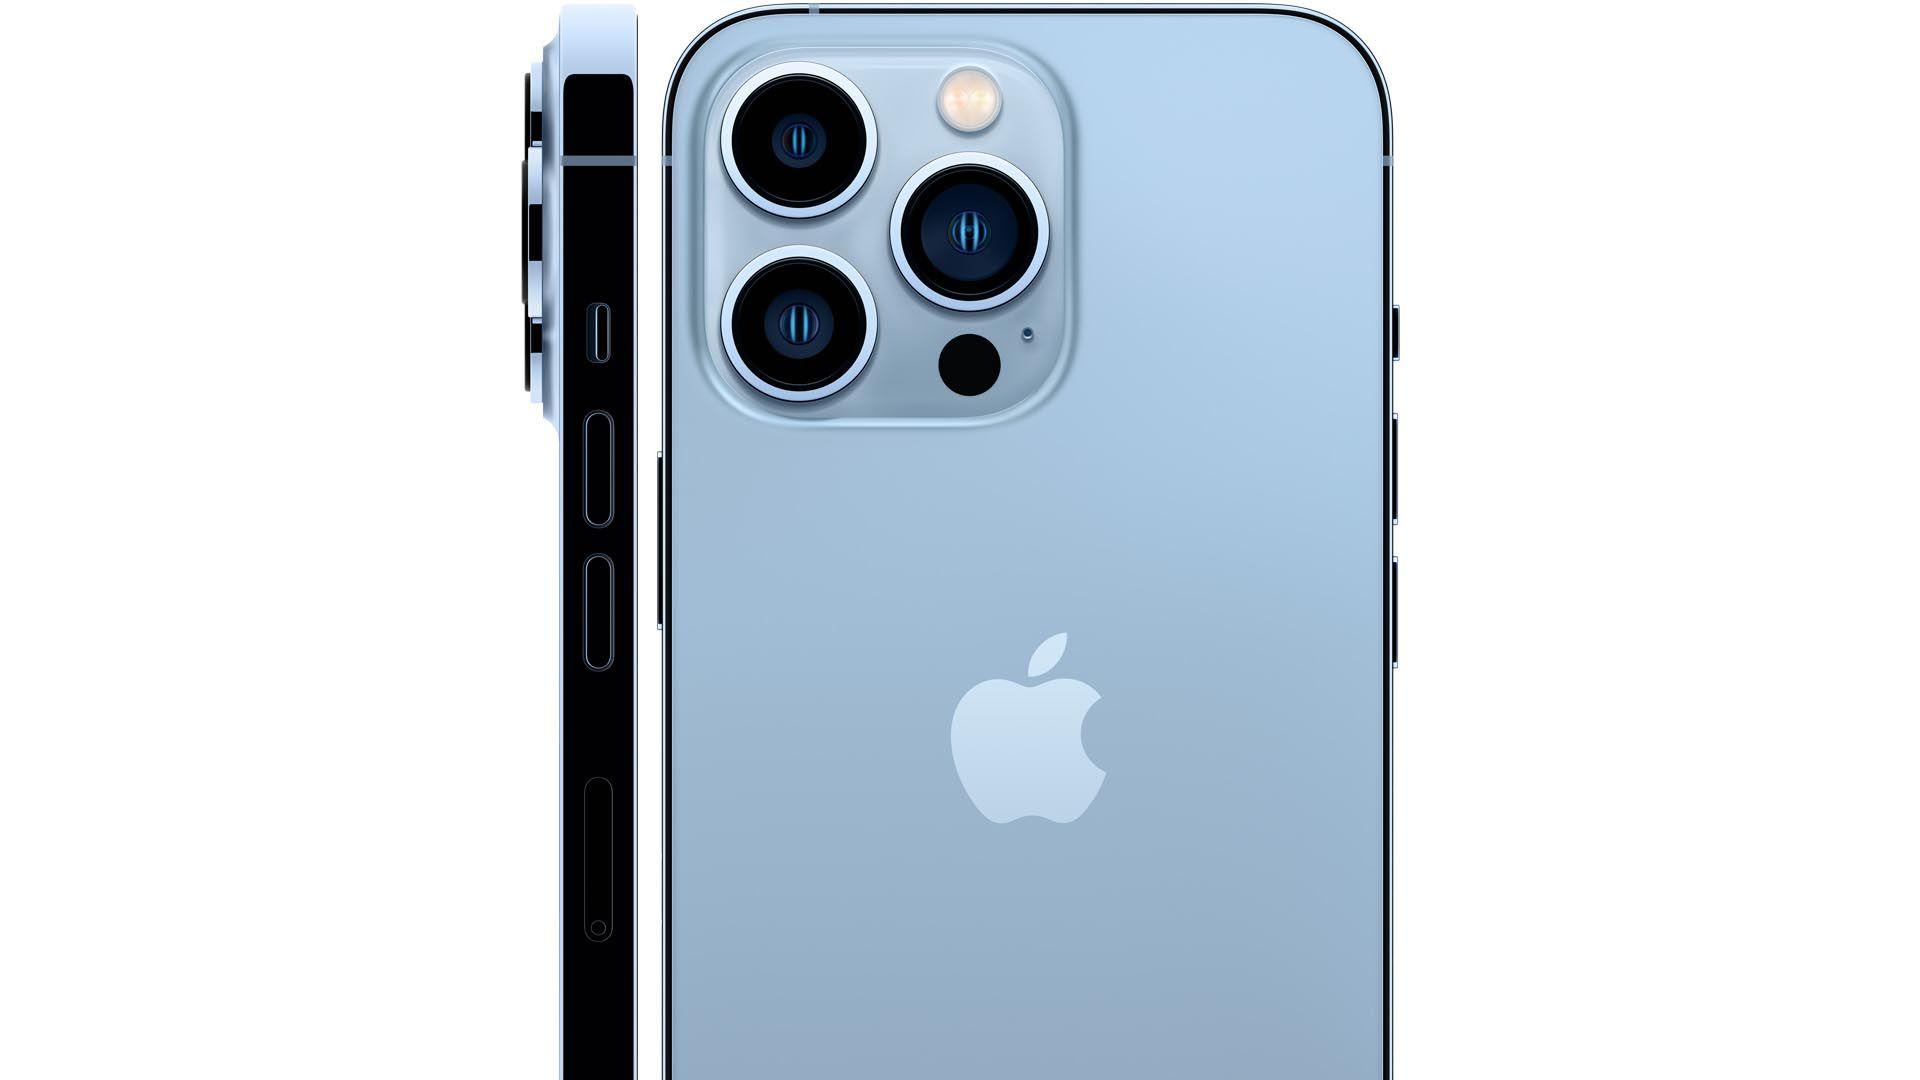 Imagem que mostra o design do iPhone 13 Pro